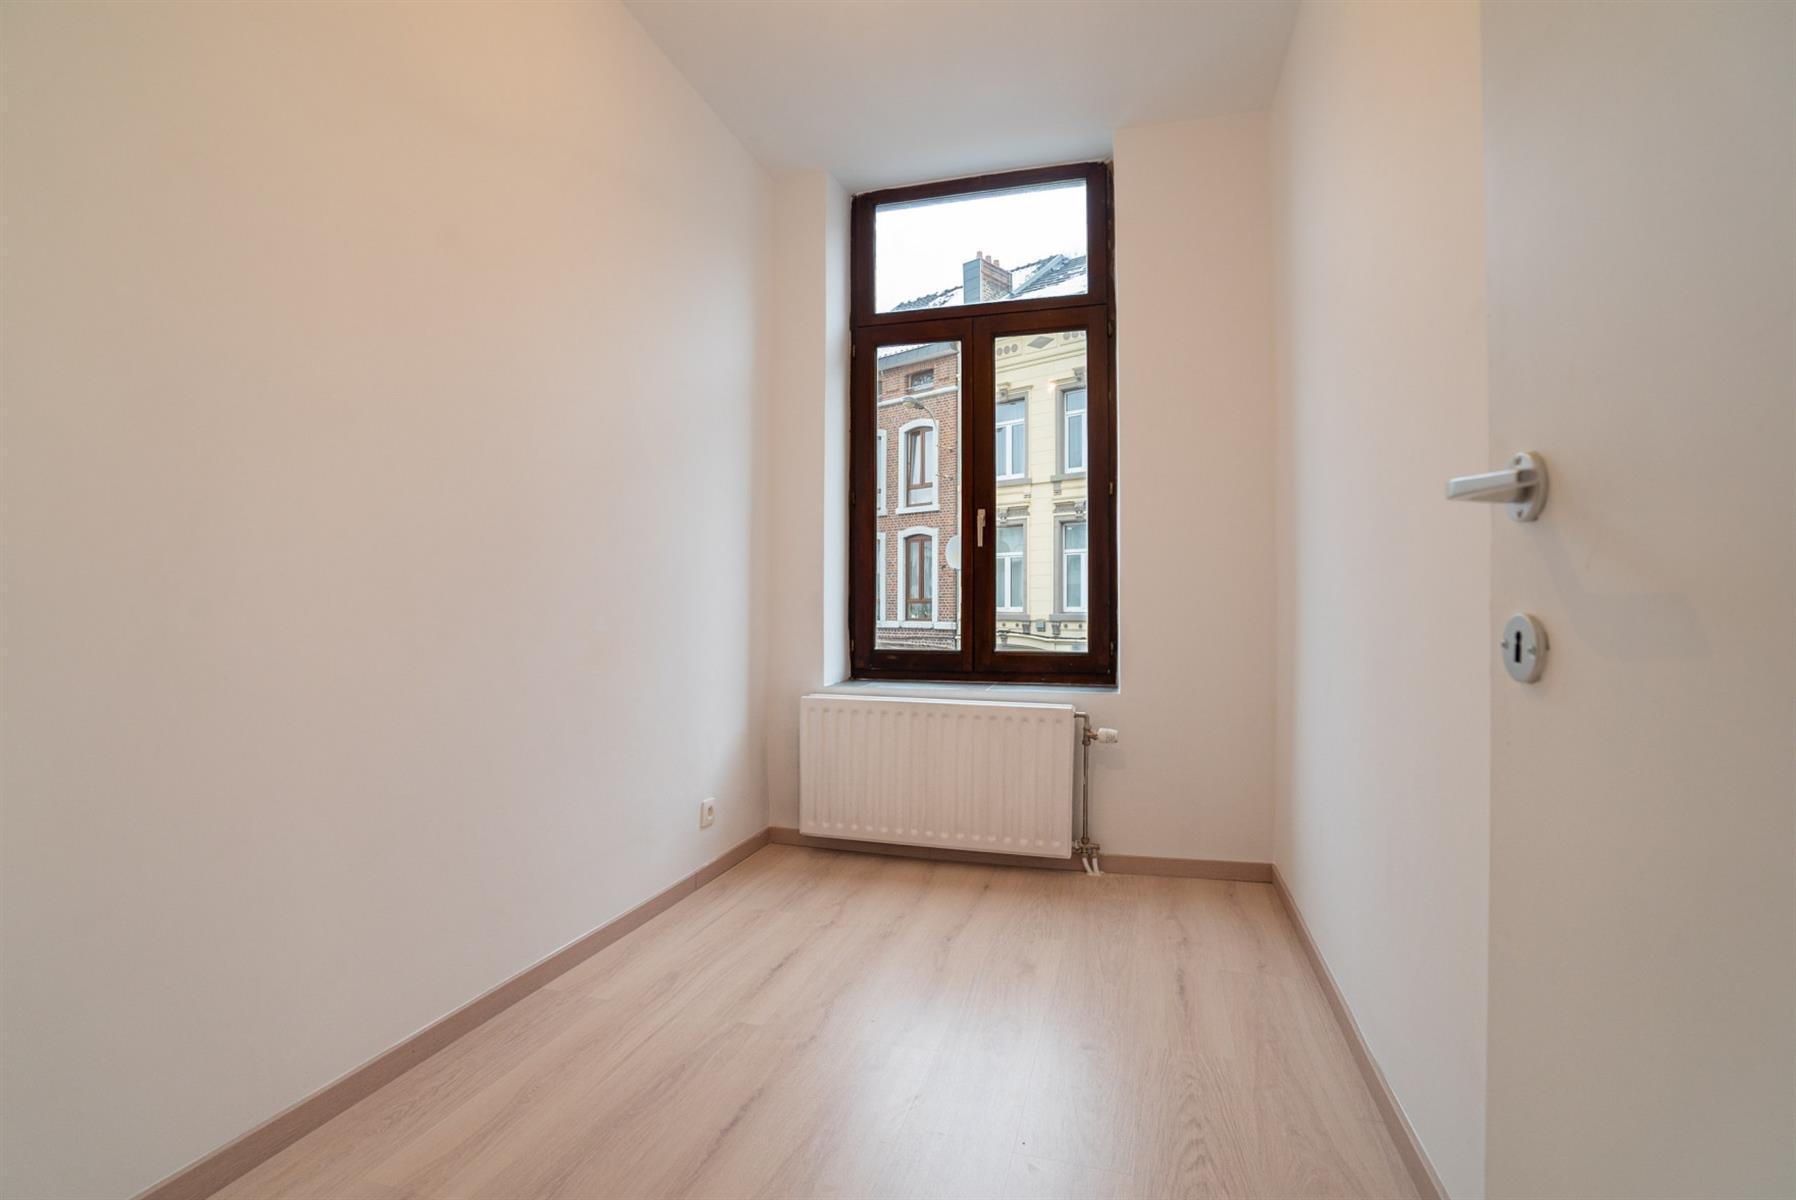 Appartement - Verviers - #4238531-5